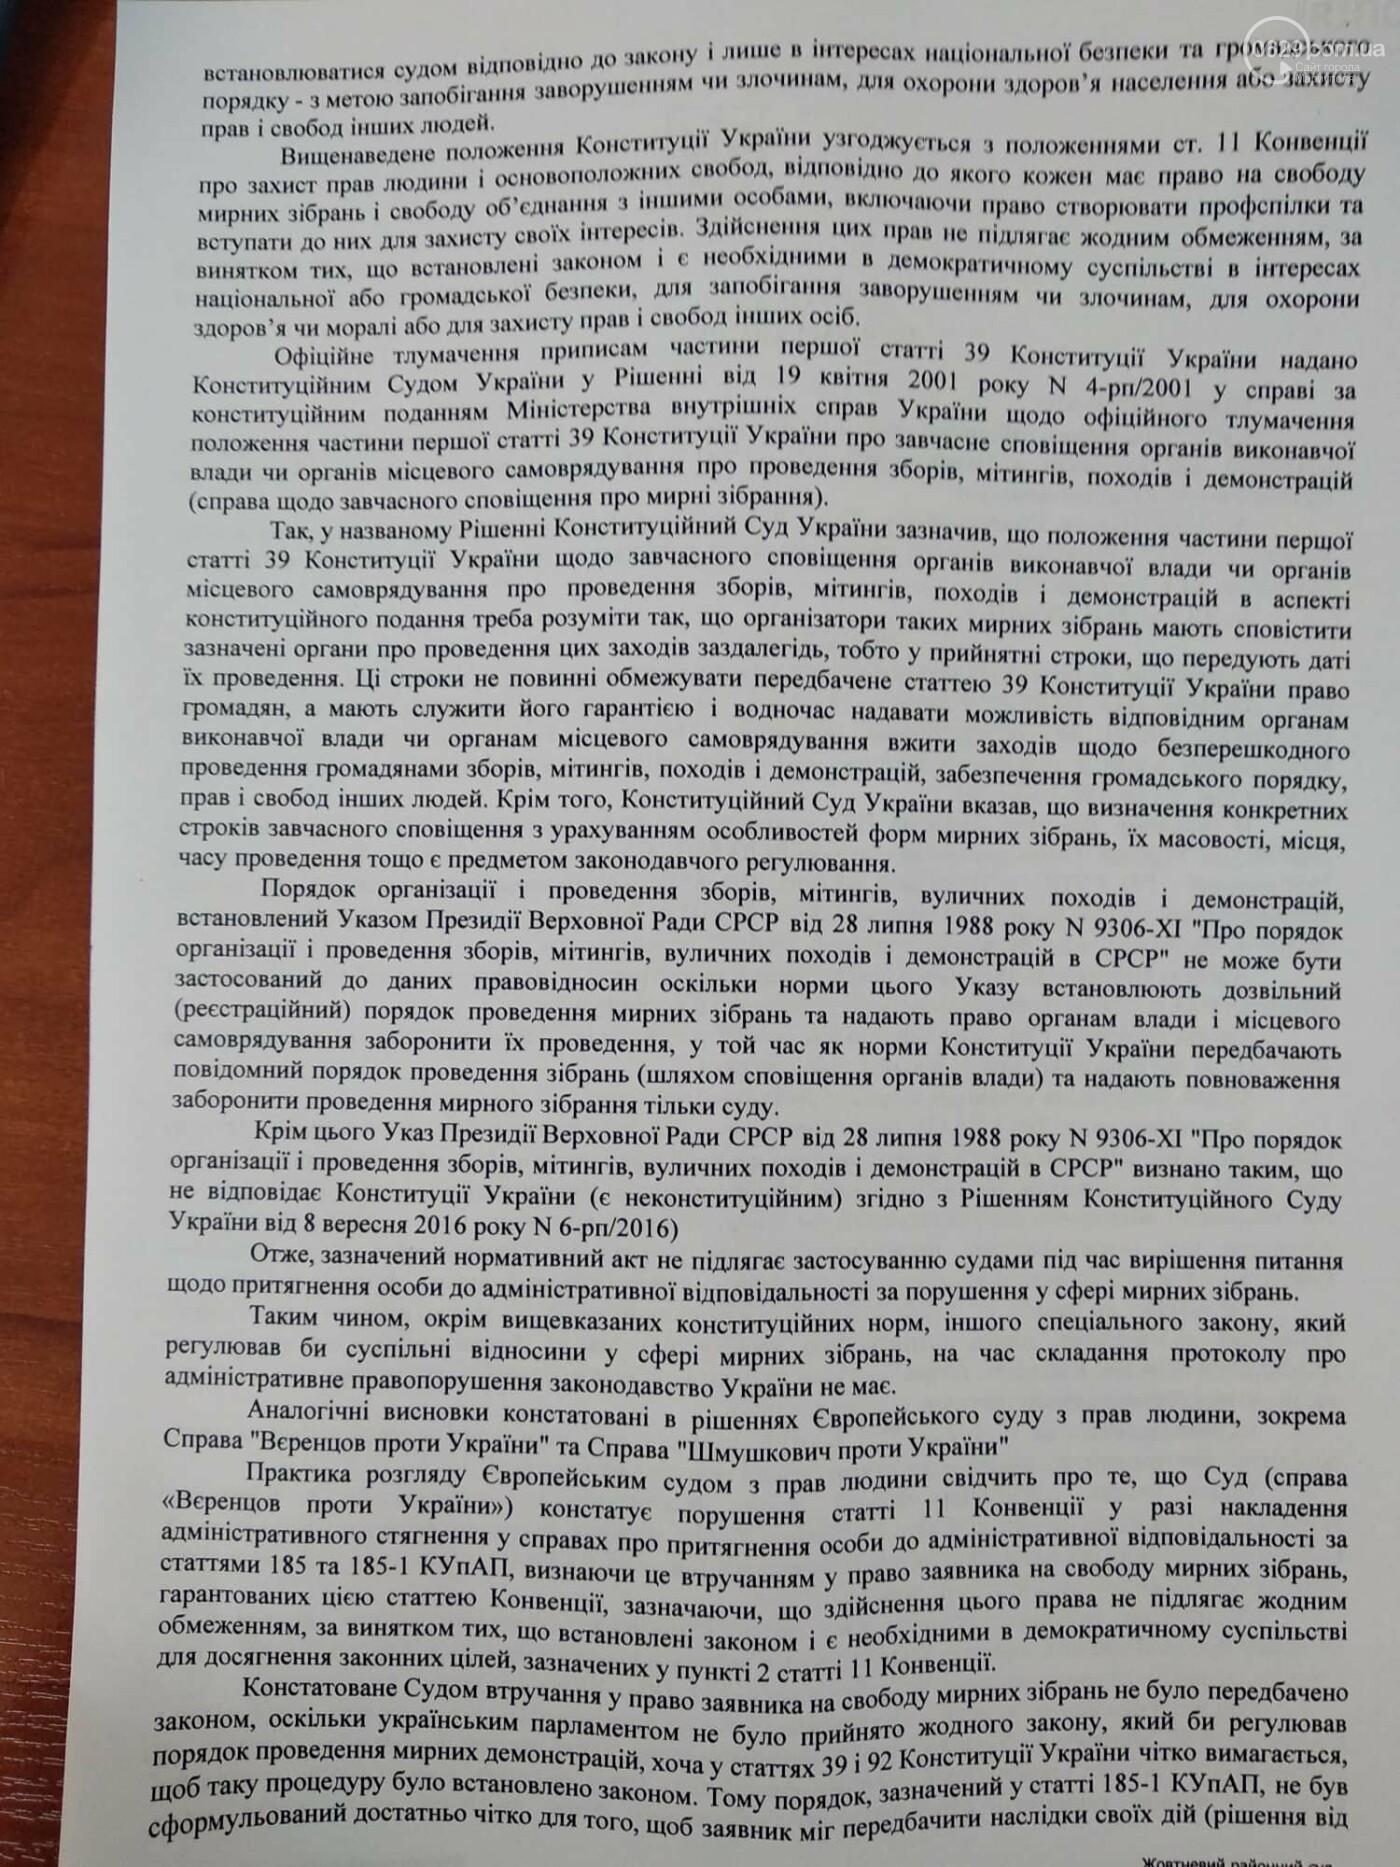 Горсовет прислал Крайнего. Суд не увидел состава правонарушения в деле про тарифный митинг, - ВИДЕО, фото-2